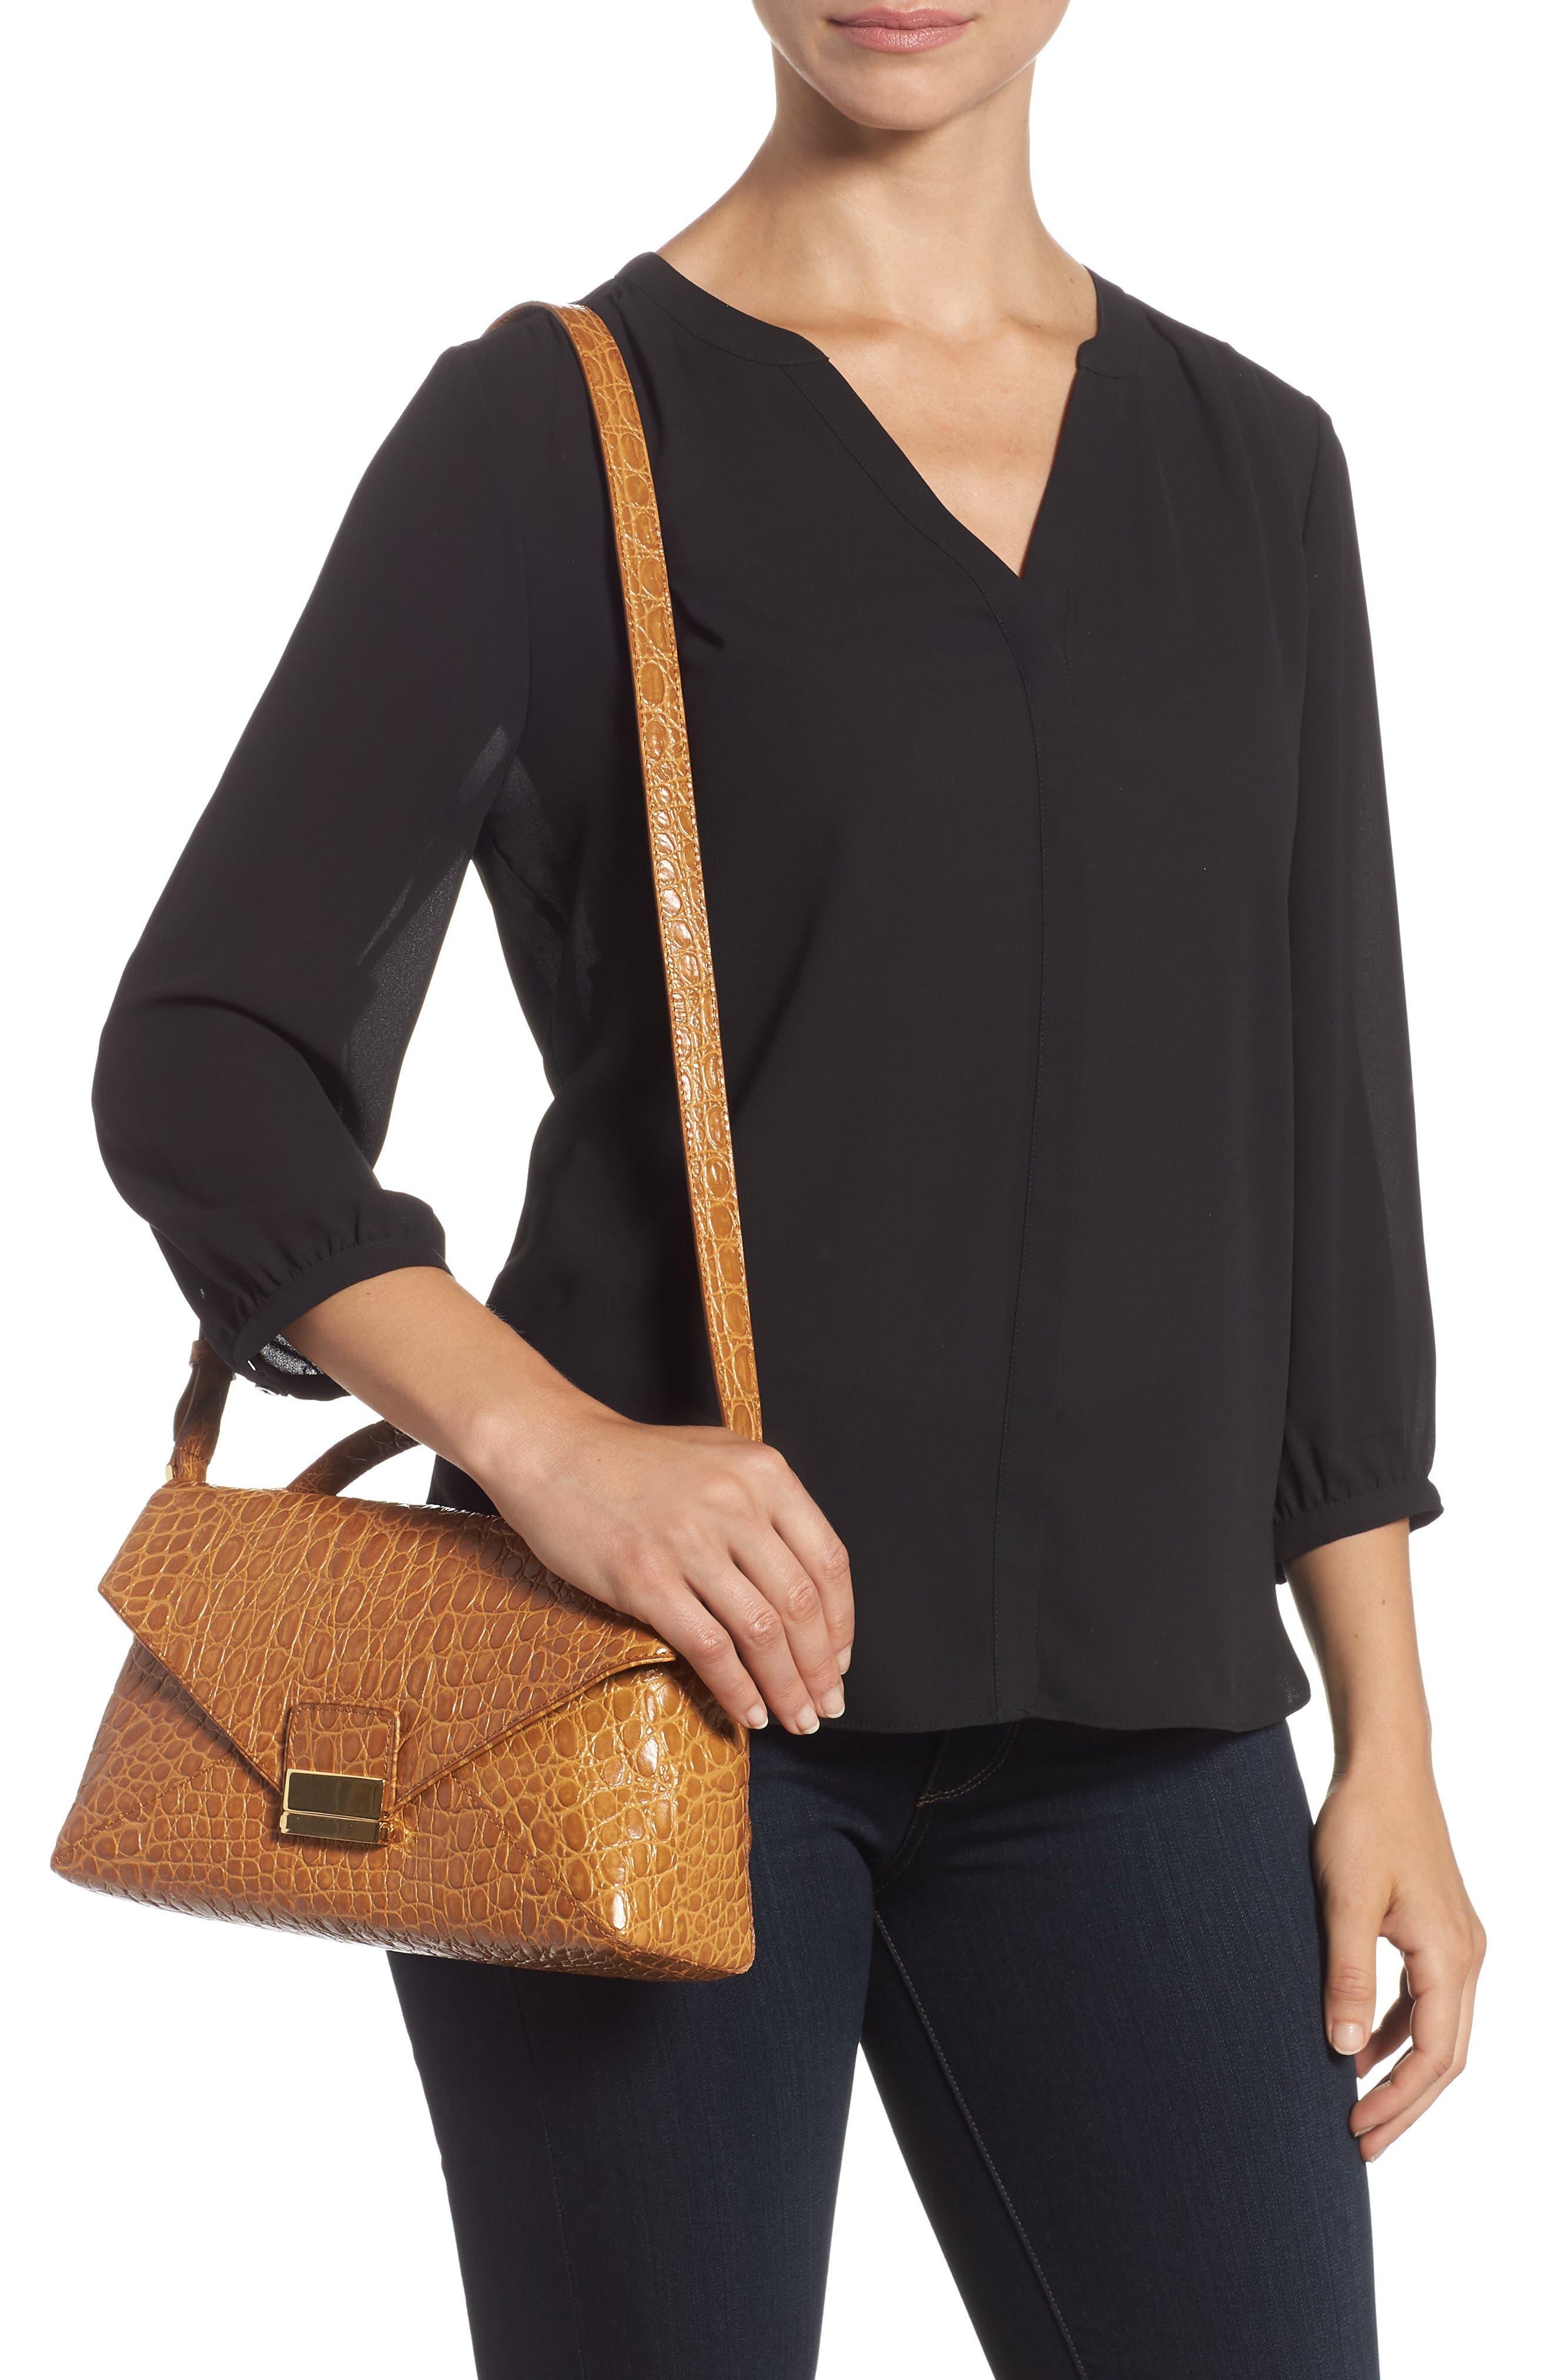 Croc Embossed Leather Shoulder Bag,                             Alternate thumbnail 2, color,                             GOLD